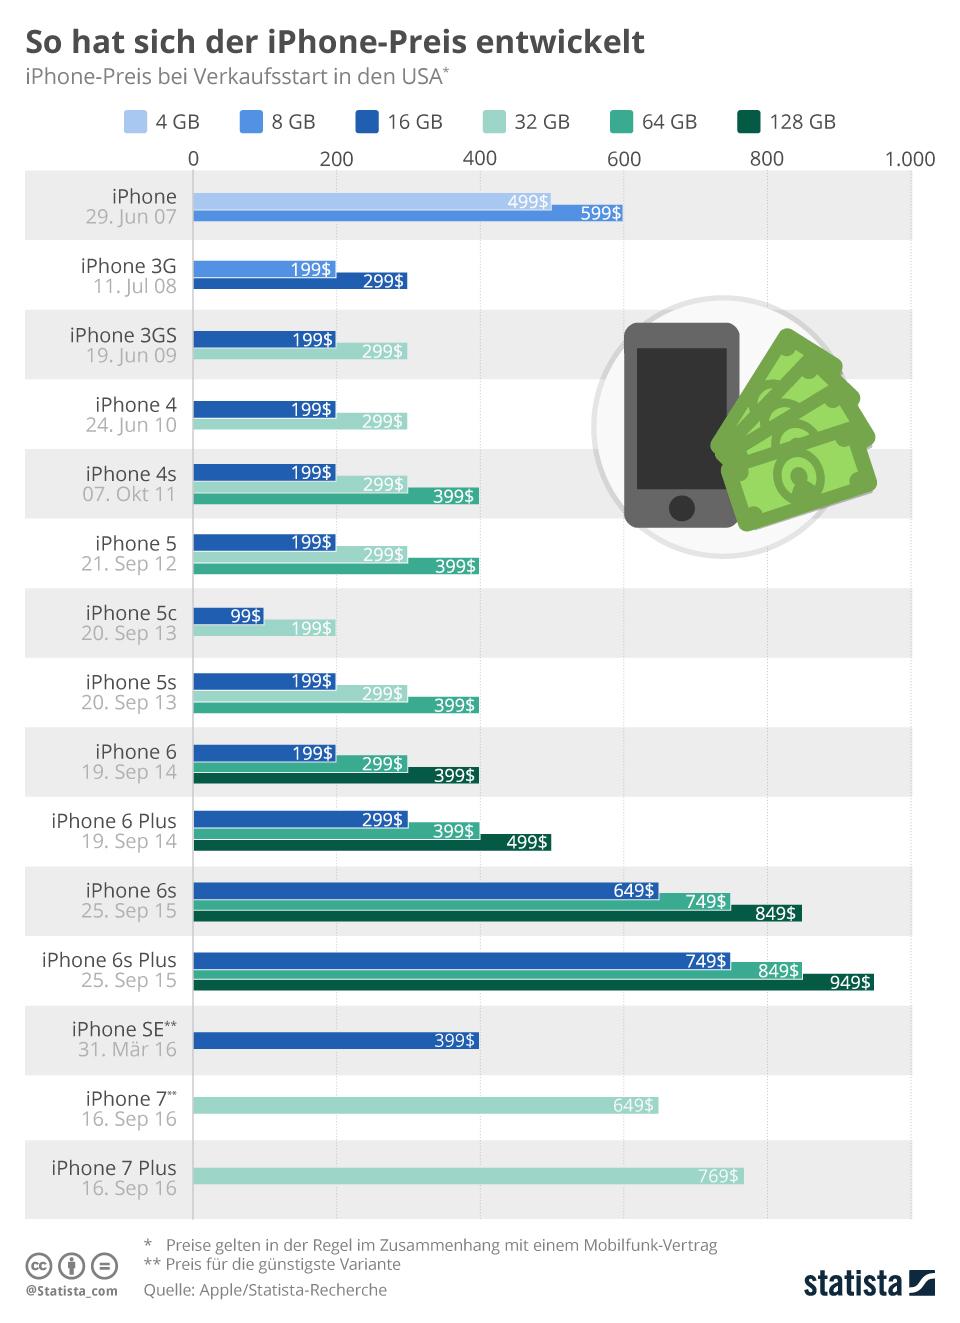 So hat sich der iPhone-Preis entwickelt